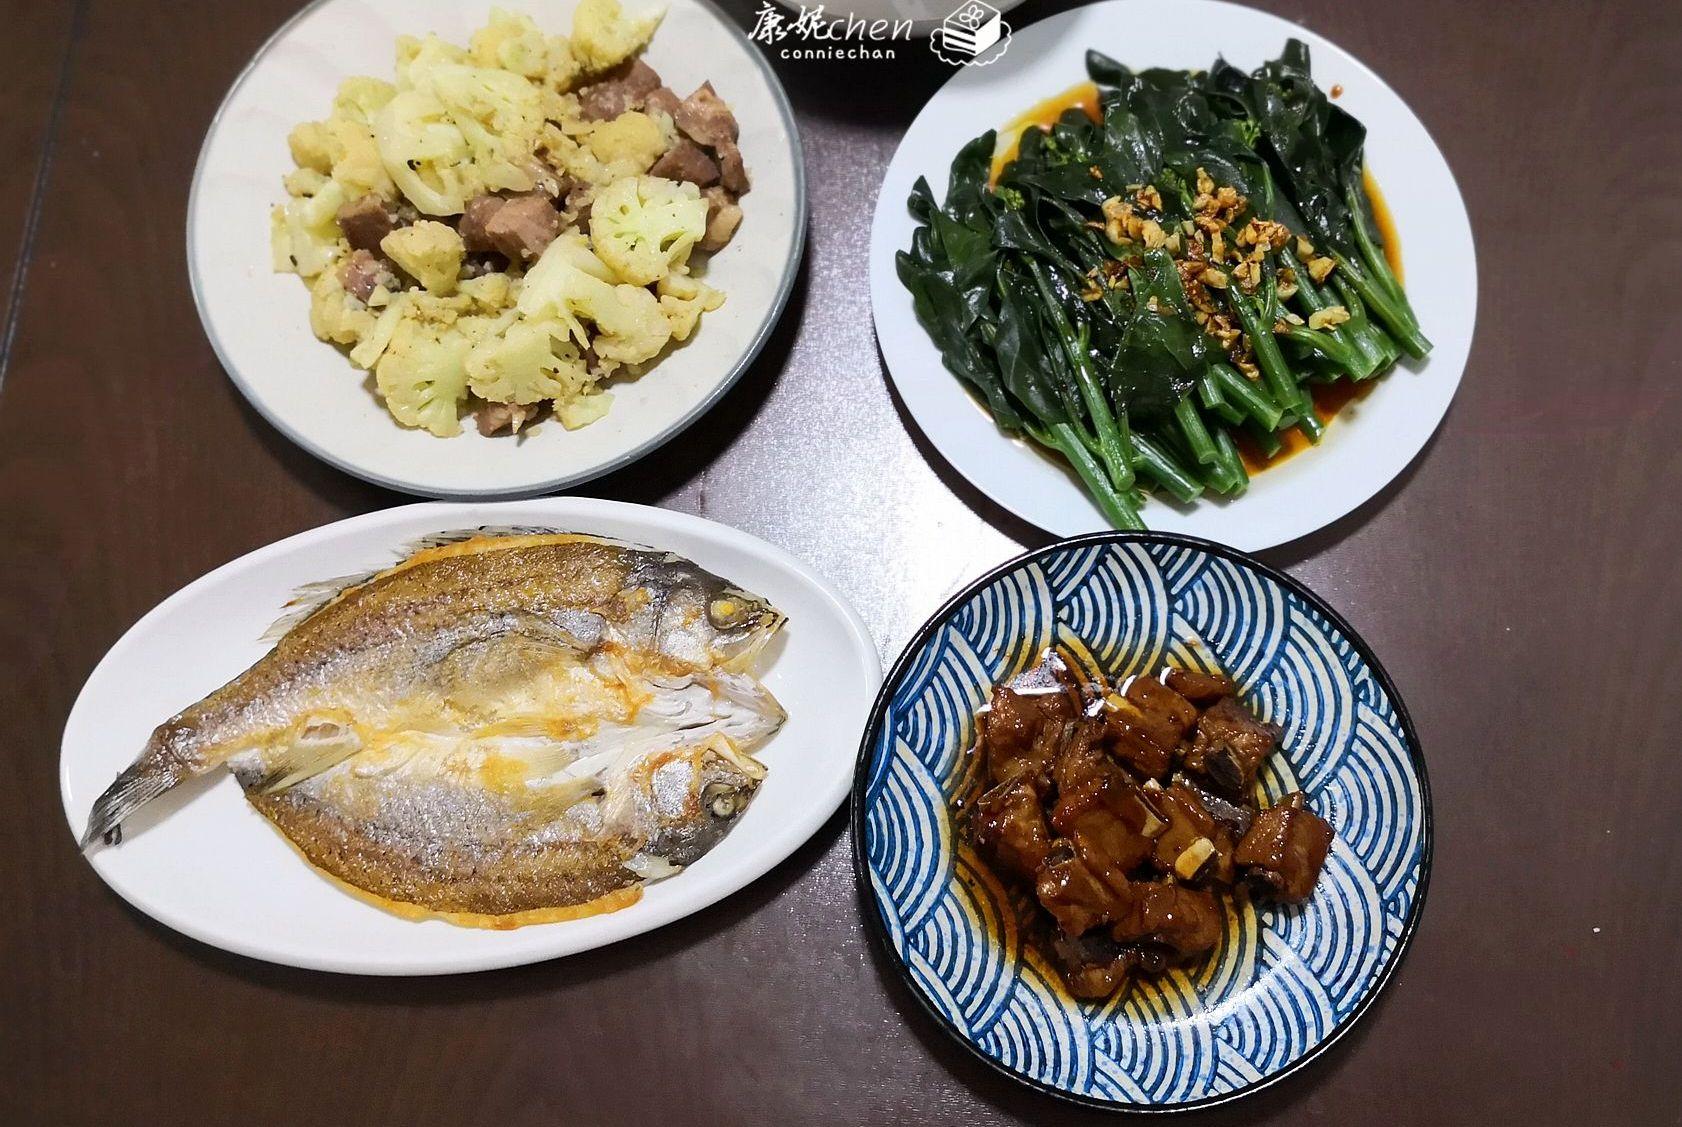 周日去父母家,做了4菜1汤,实惠又卫生,营养味美,好吃不浪费